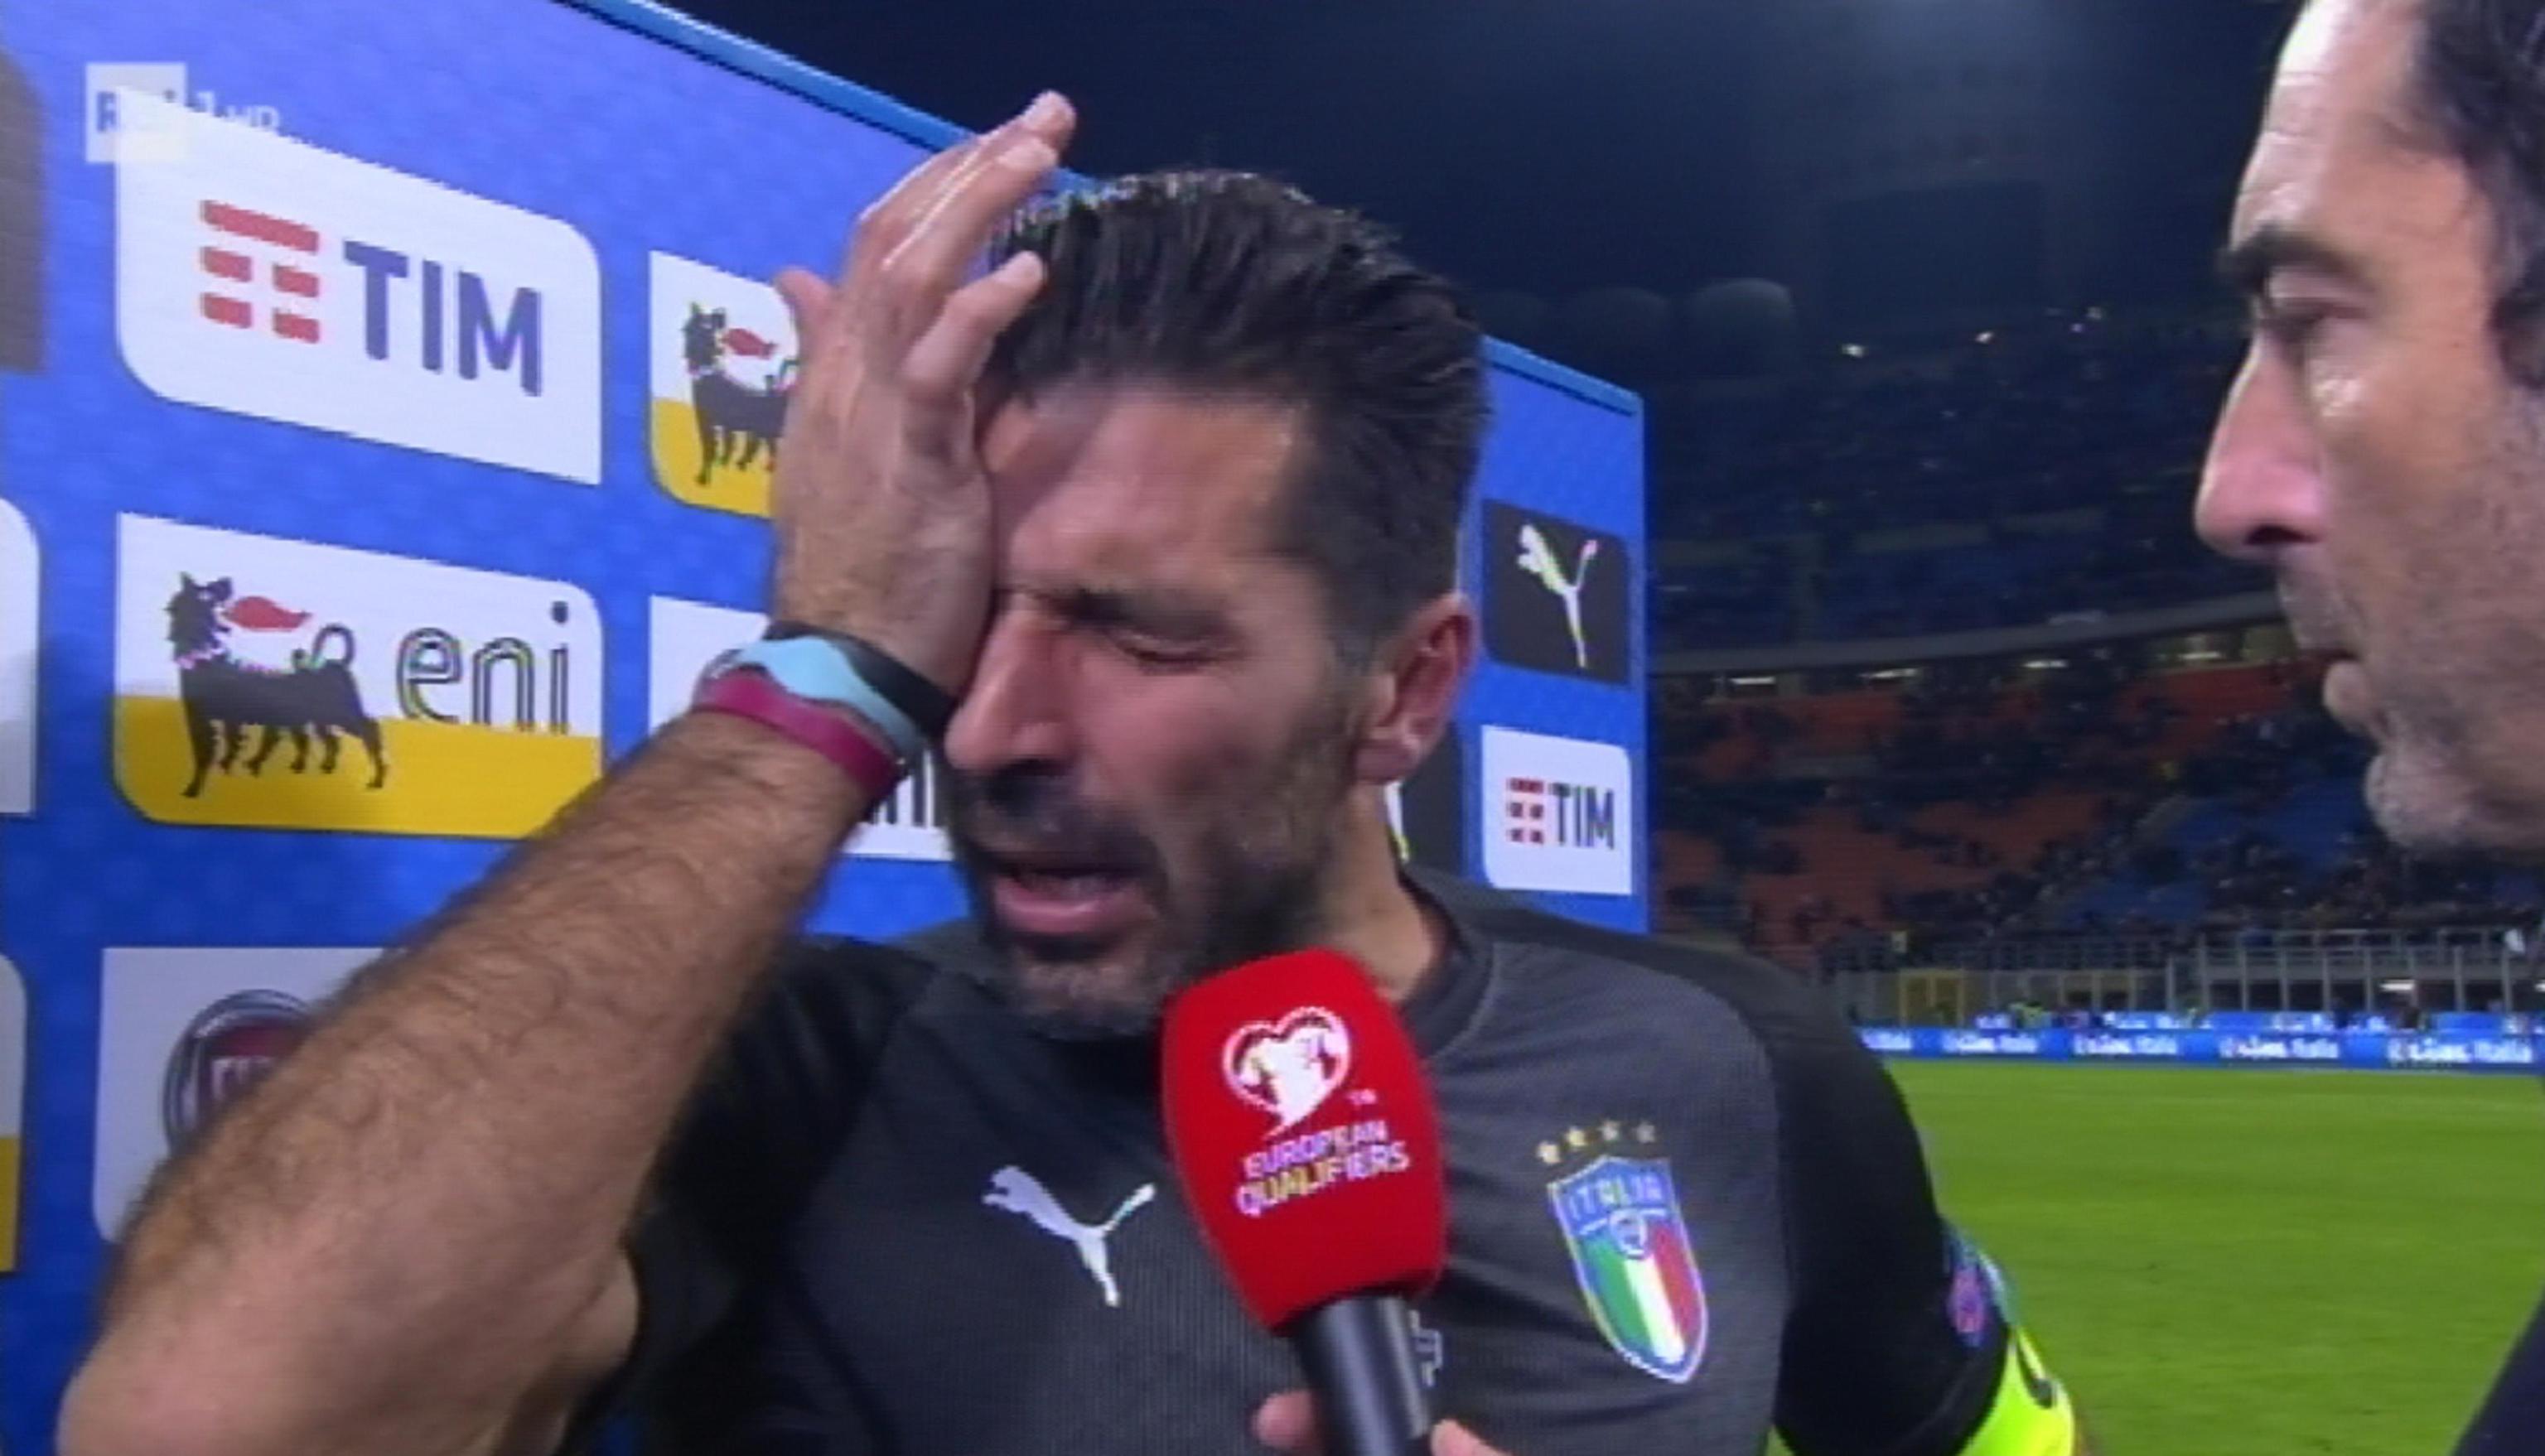 Italia fuori dai Mondiali: gli azzurri non si qualificano per Russia 2018